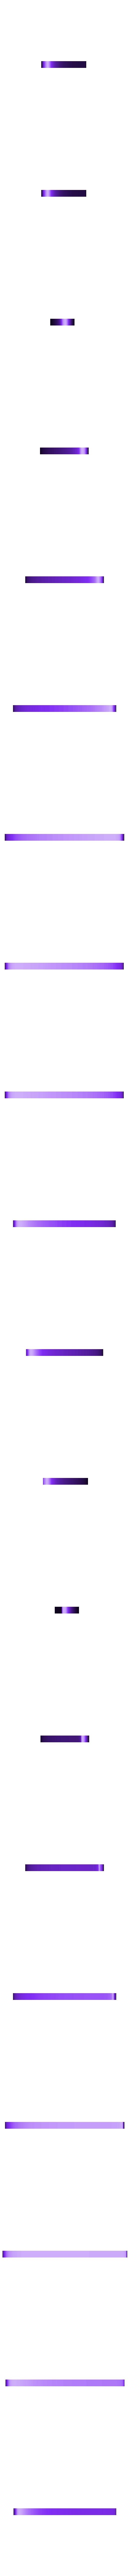 Red_1.stl Download free STL file Coca Cola sign Dual color • 3D printer template, B2TM